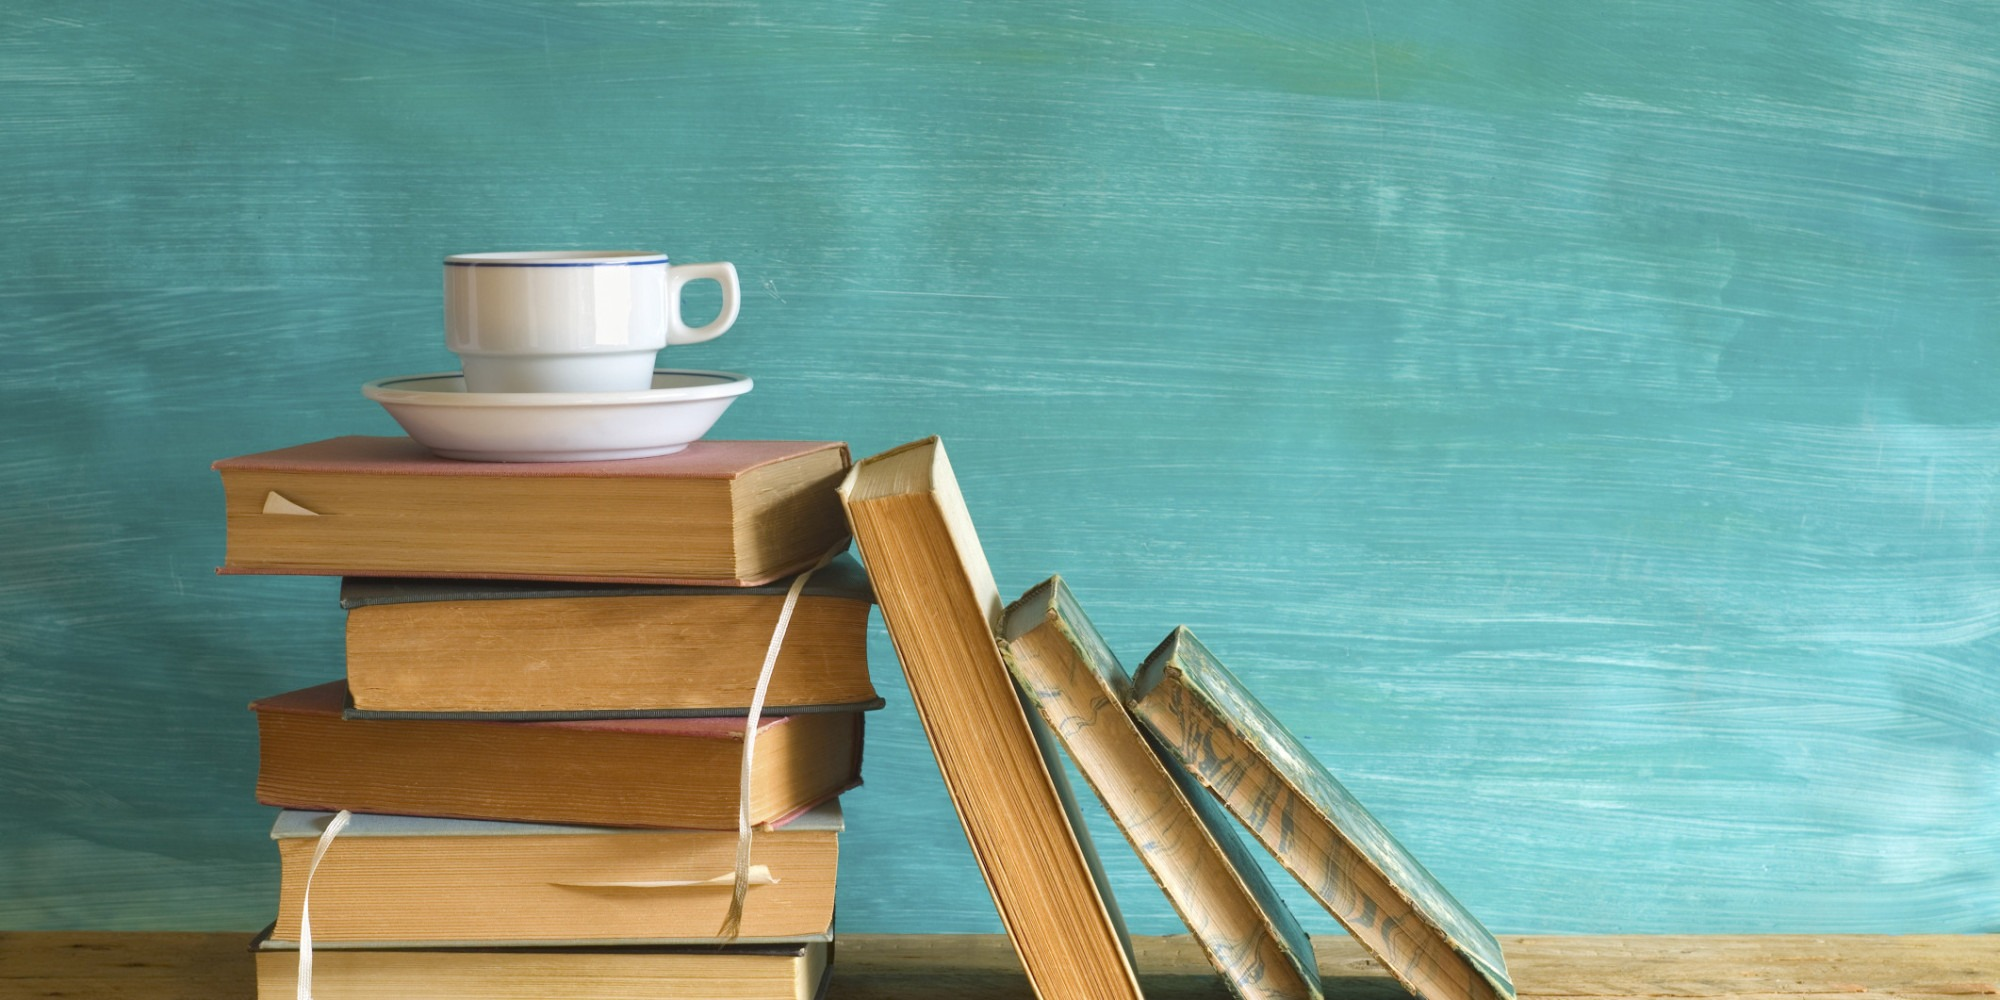 http://shbabbek.com/upload/لطلاب الجامعة.. 16 نصيحة للمذاكرة وحل الامتحانات